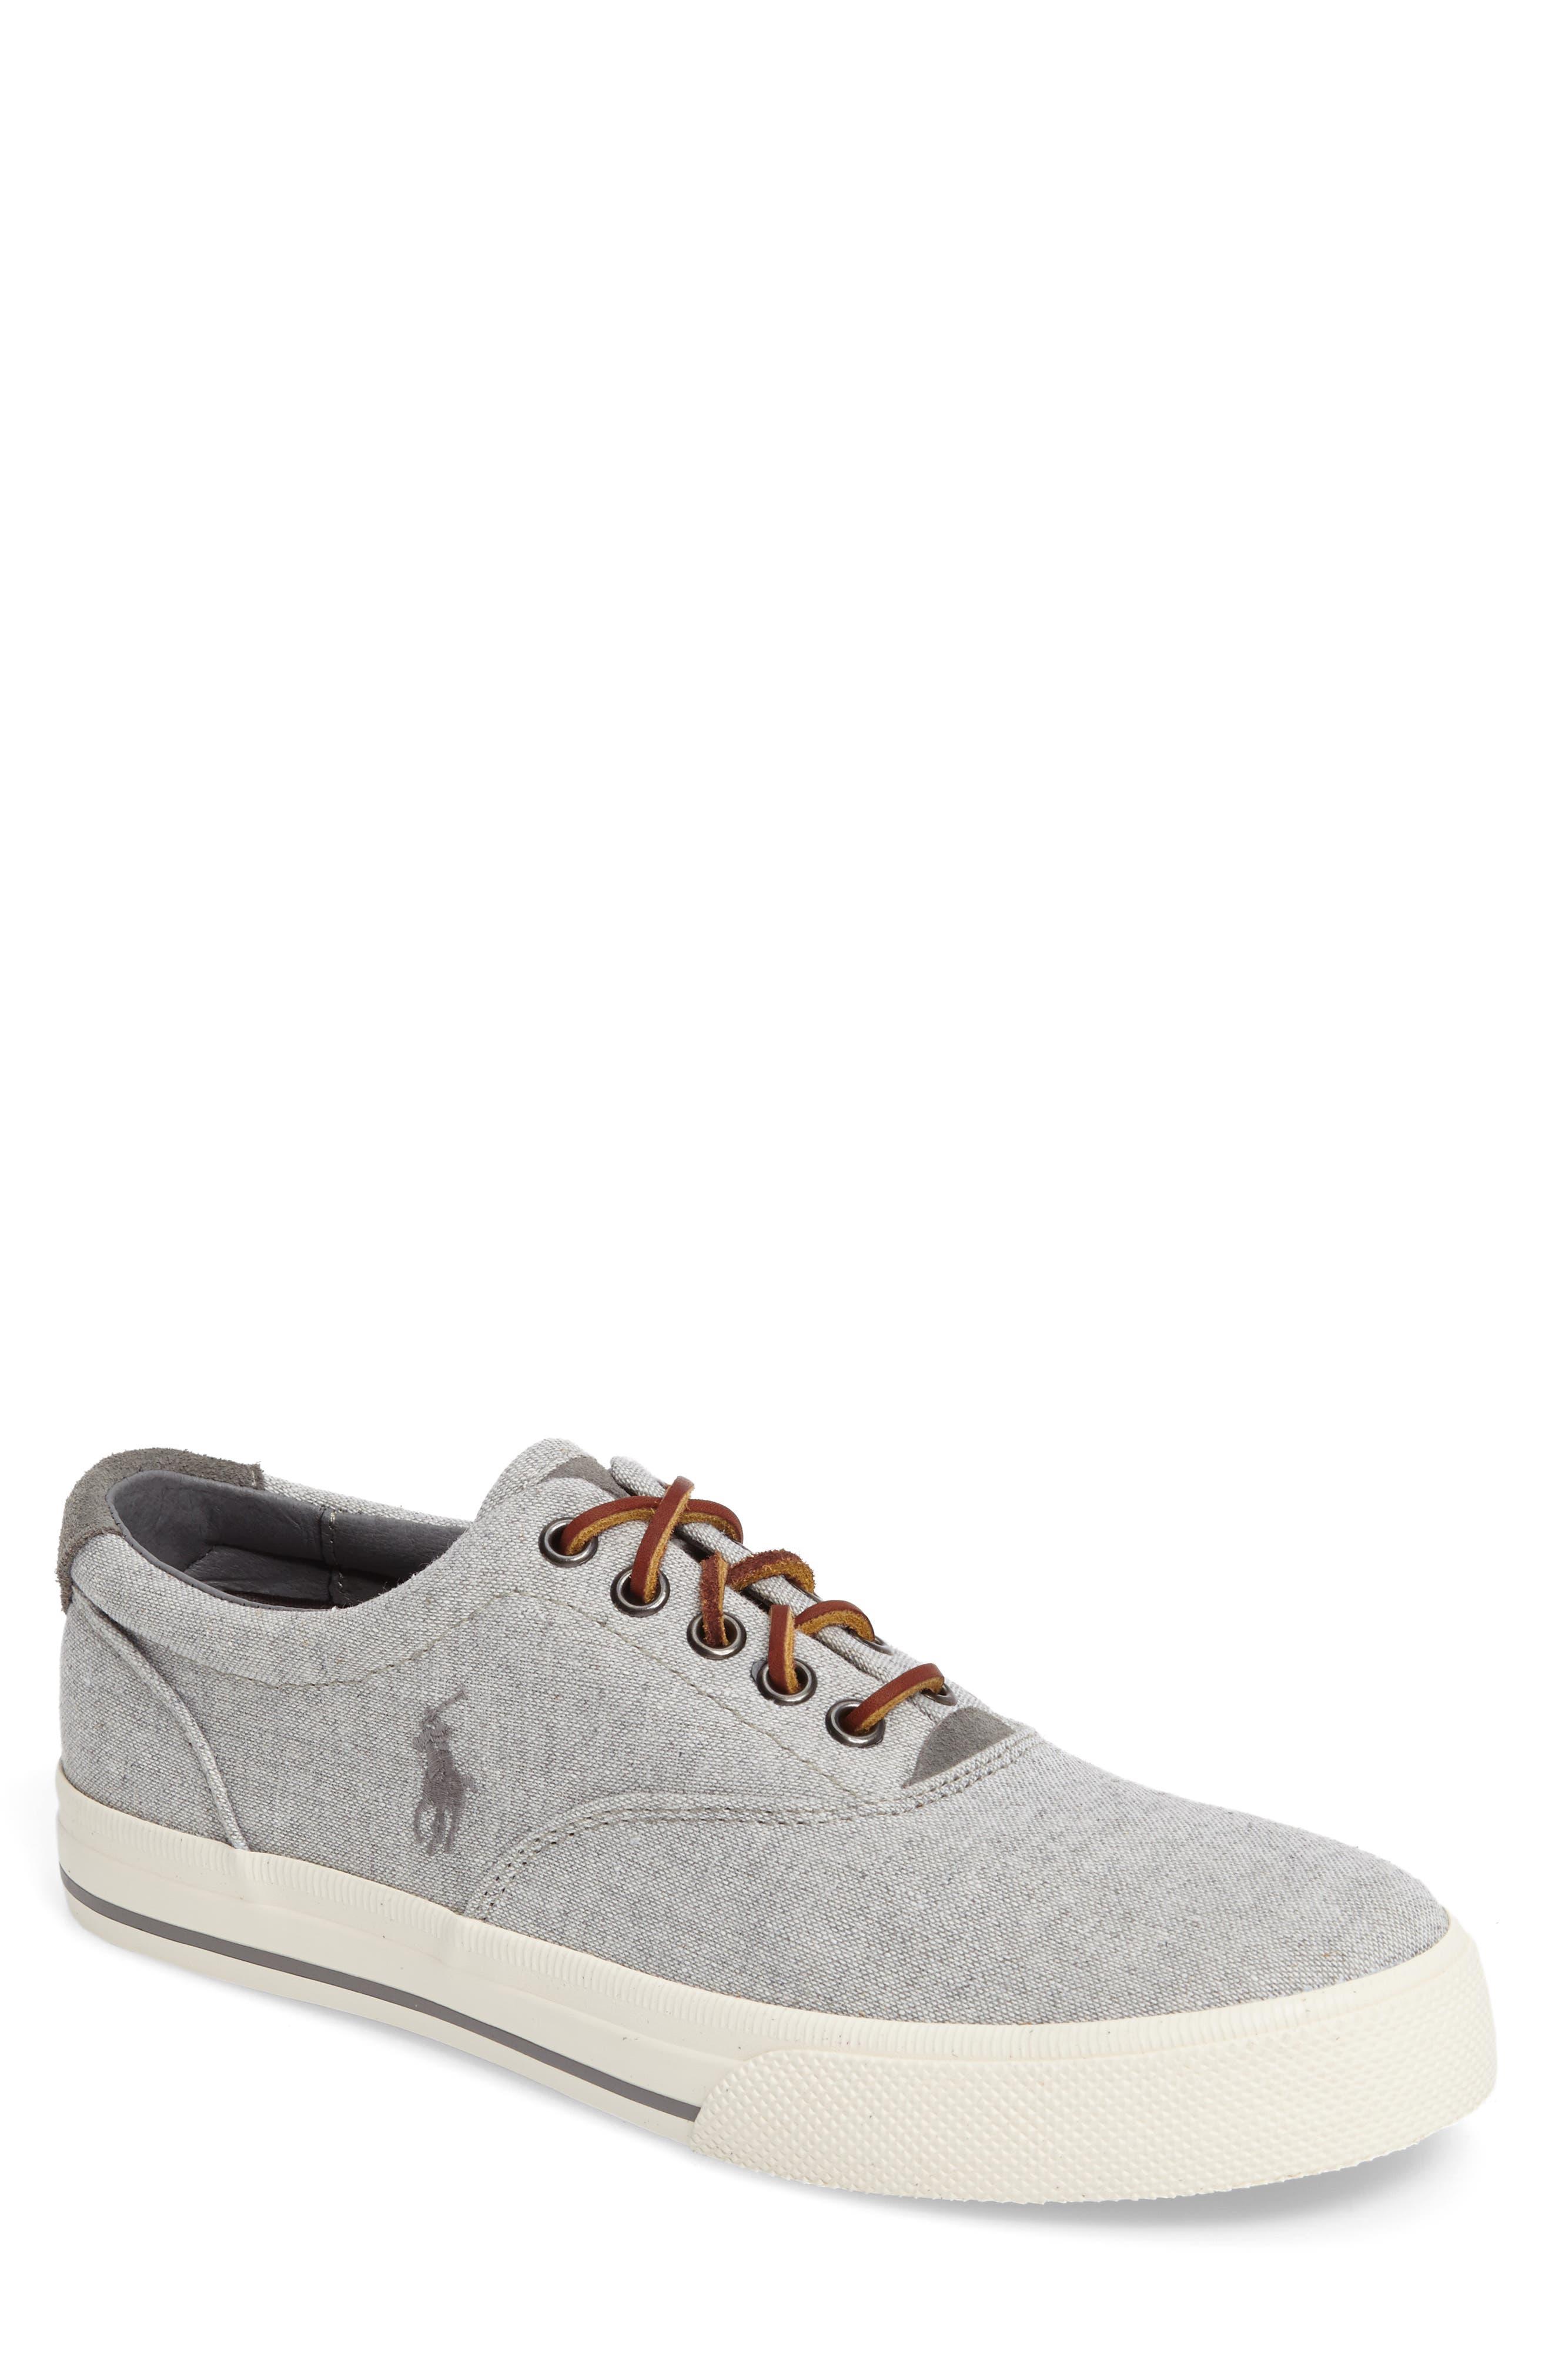 Vaughn Sneaker,                             Main thumbnail 2, color,